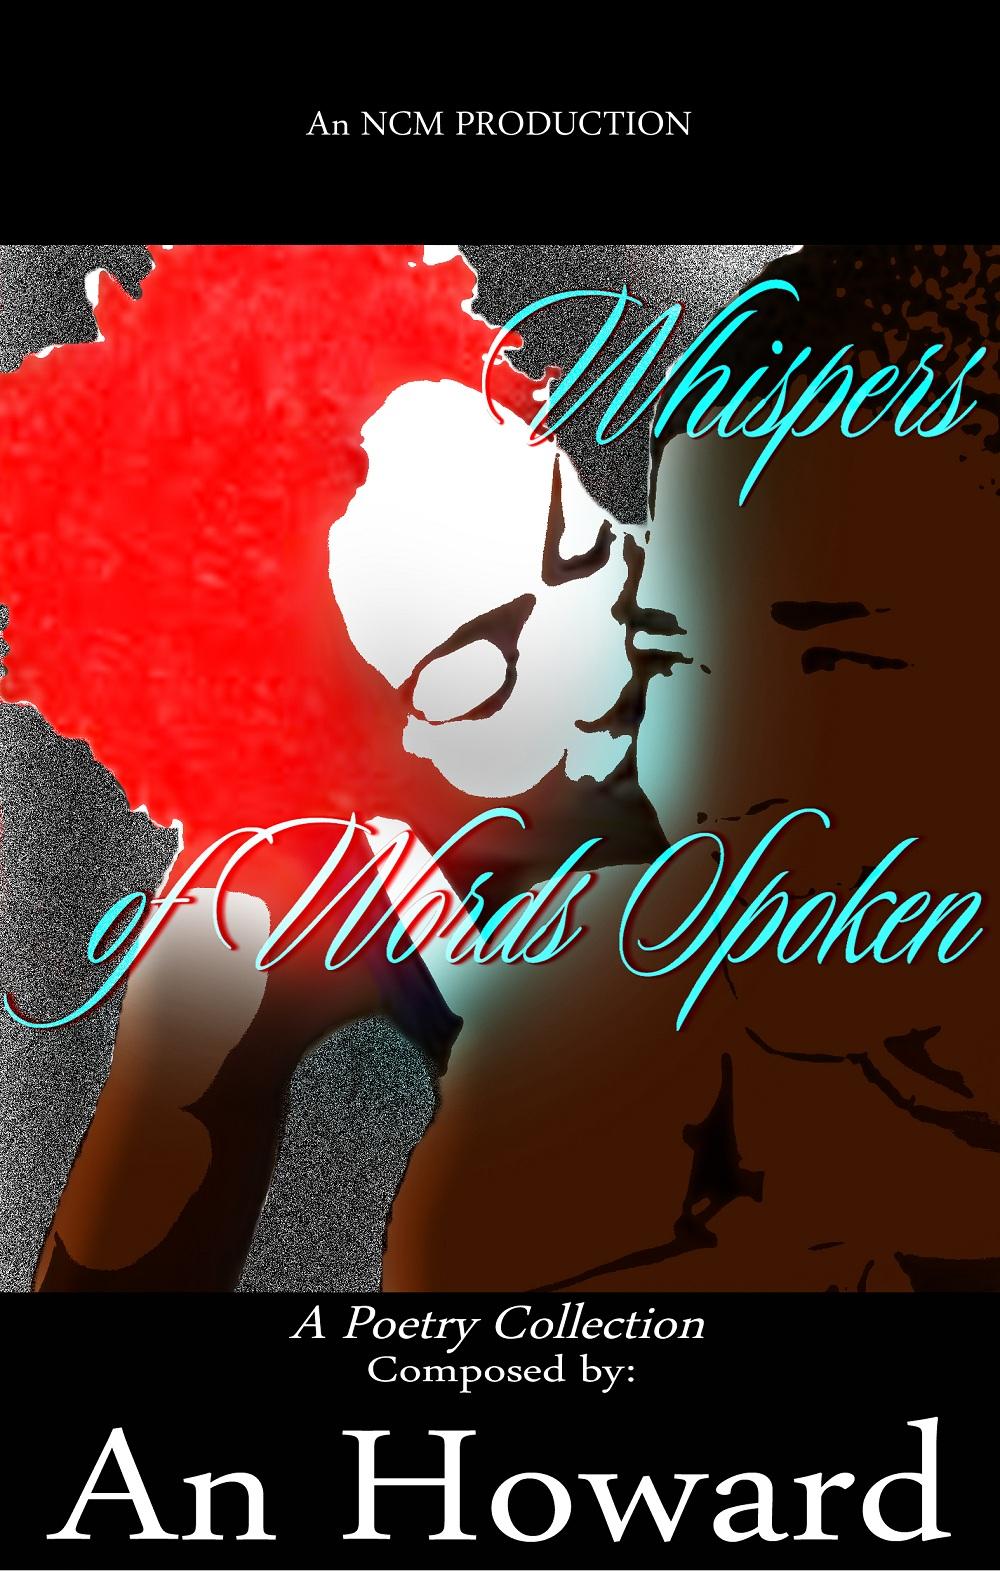 Whispers of Words Spoken